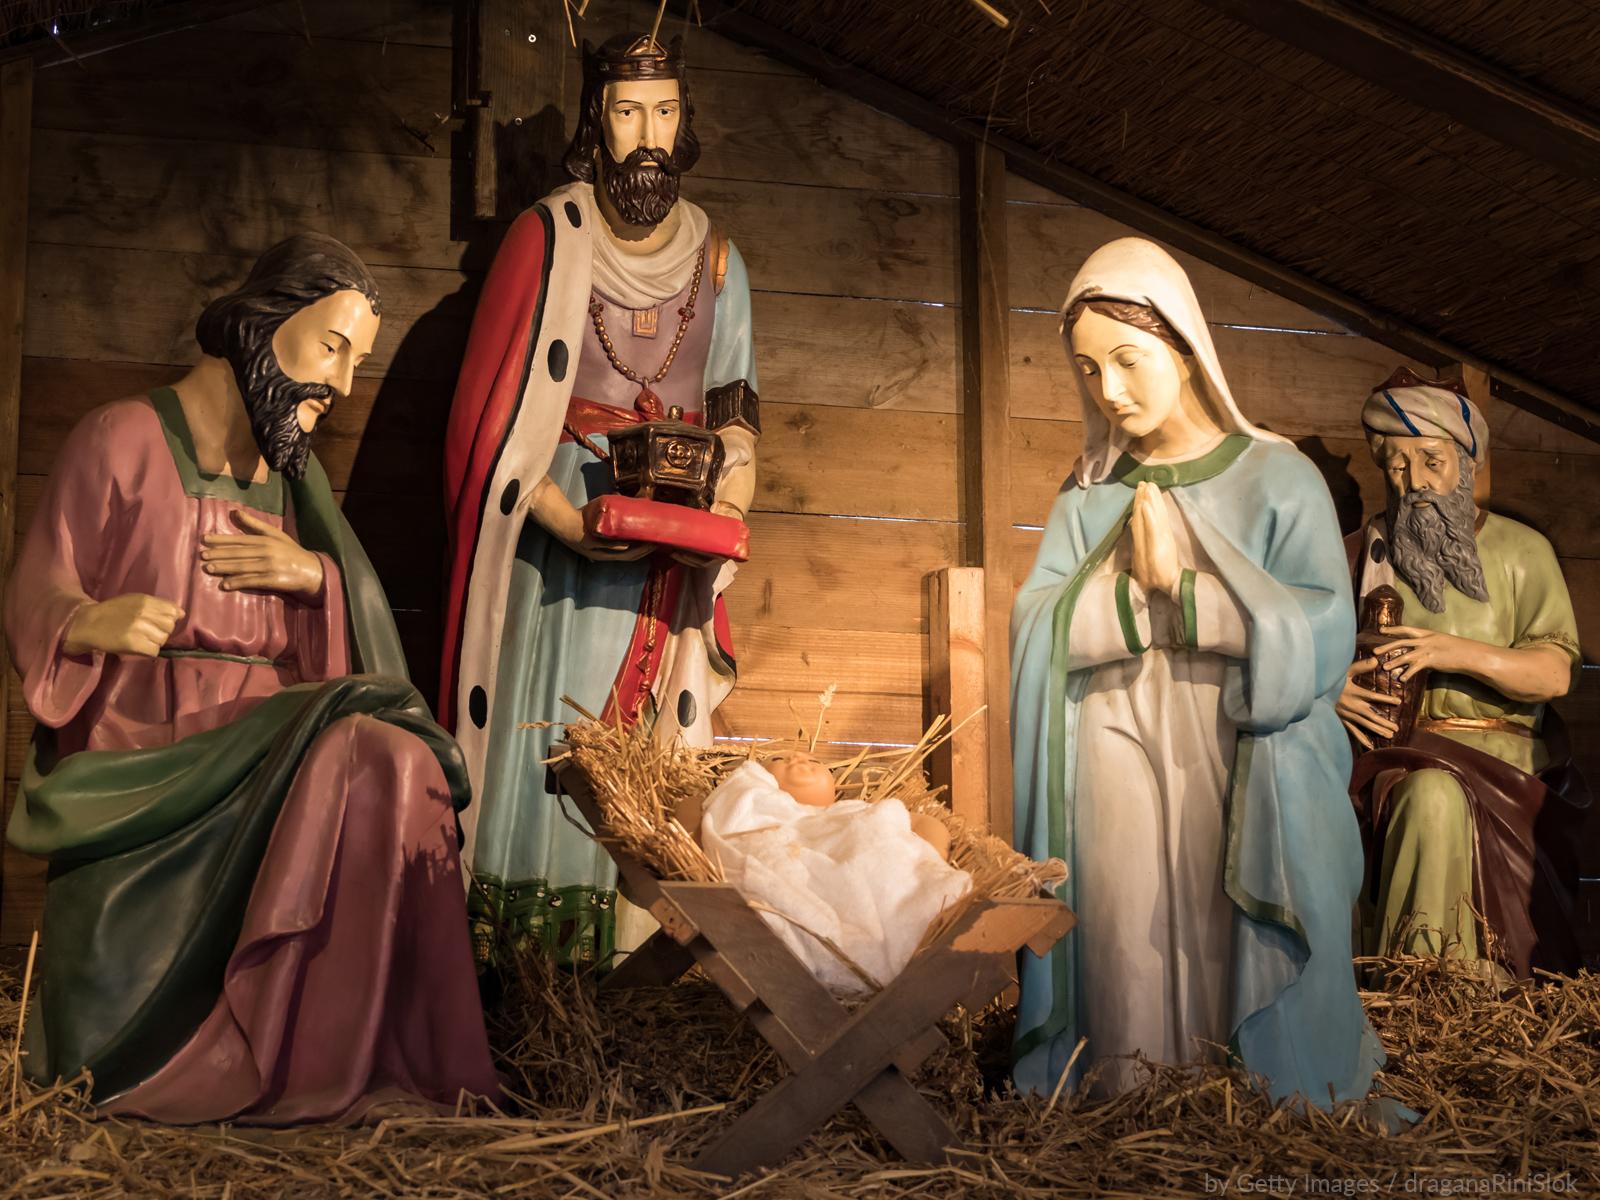 Quando desmontar o presépio e a árvore de natal?